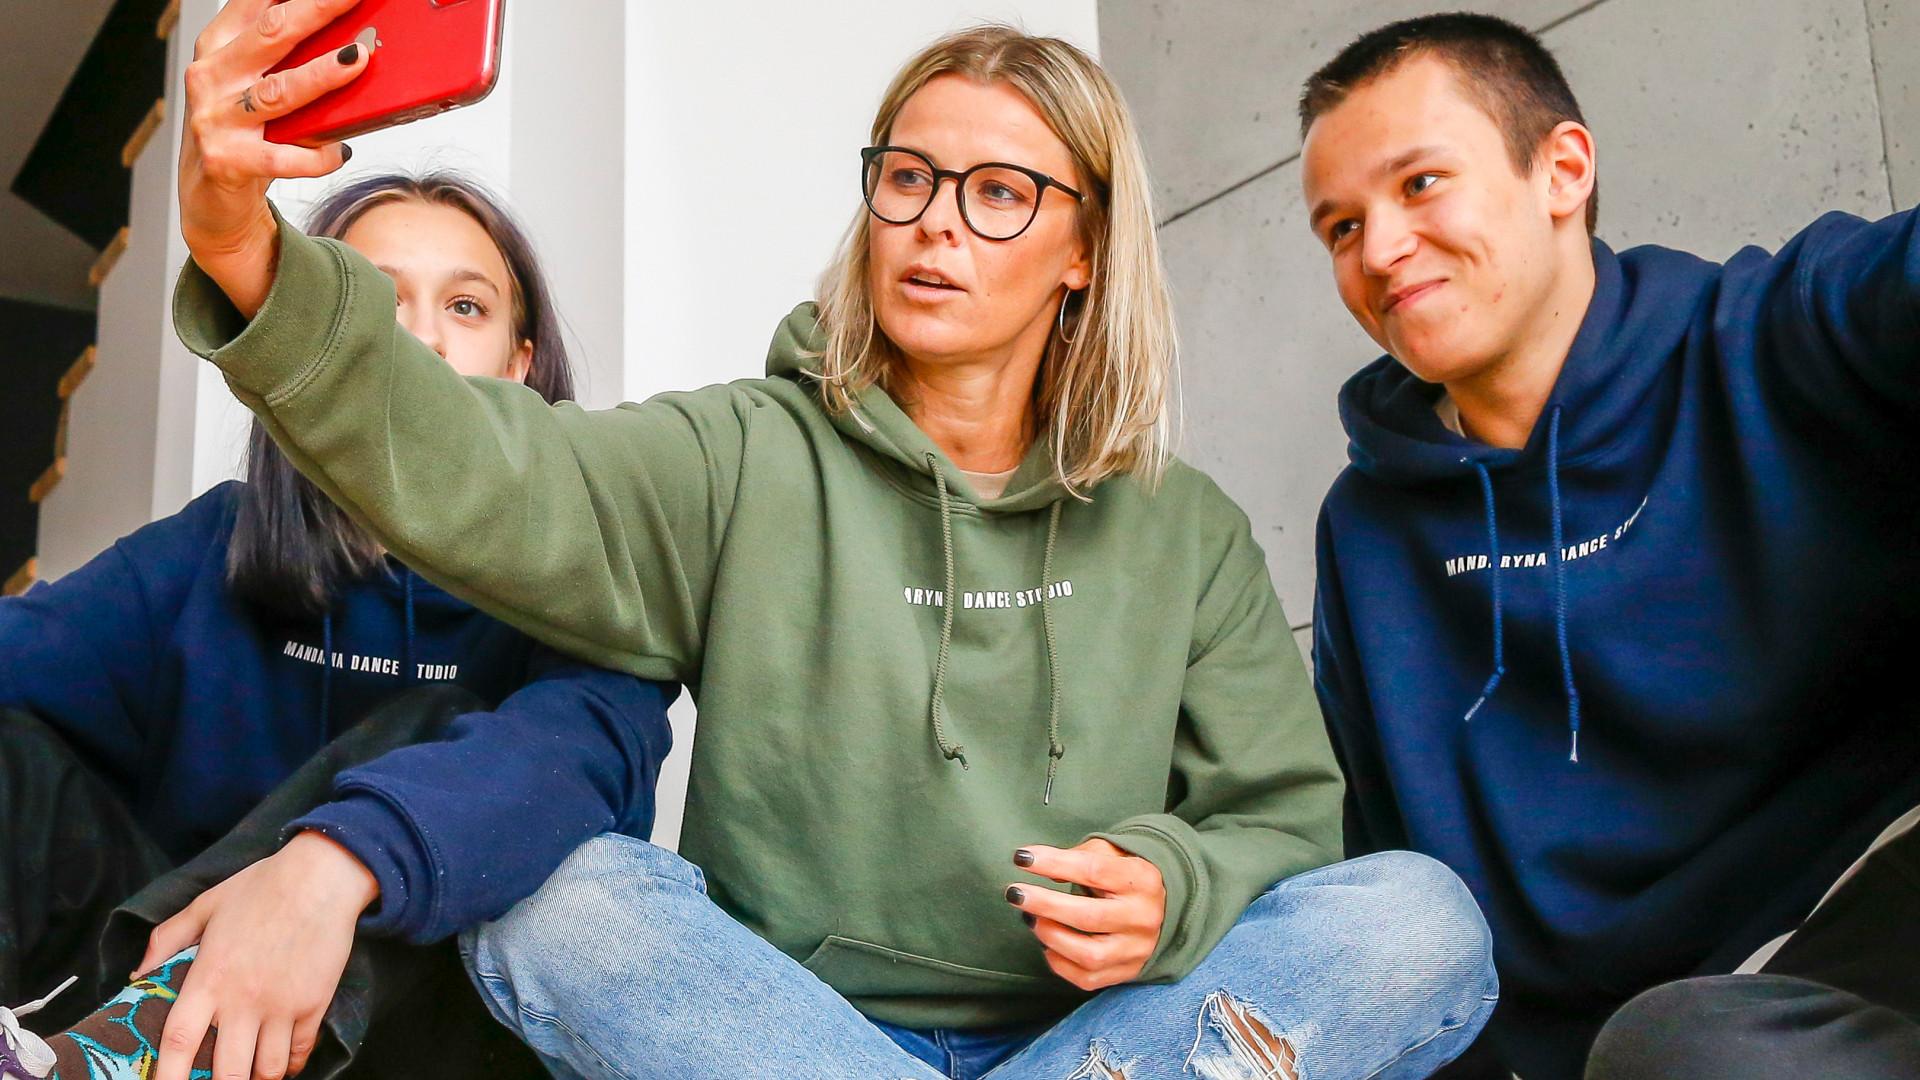 Marta Wiśniewska z dziećmi ogarnia biznes na kwarantannie (ZDJĘCIA)